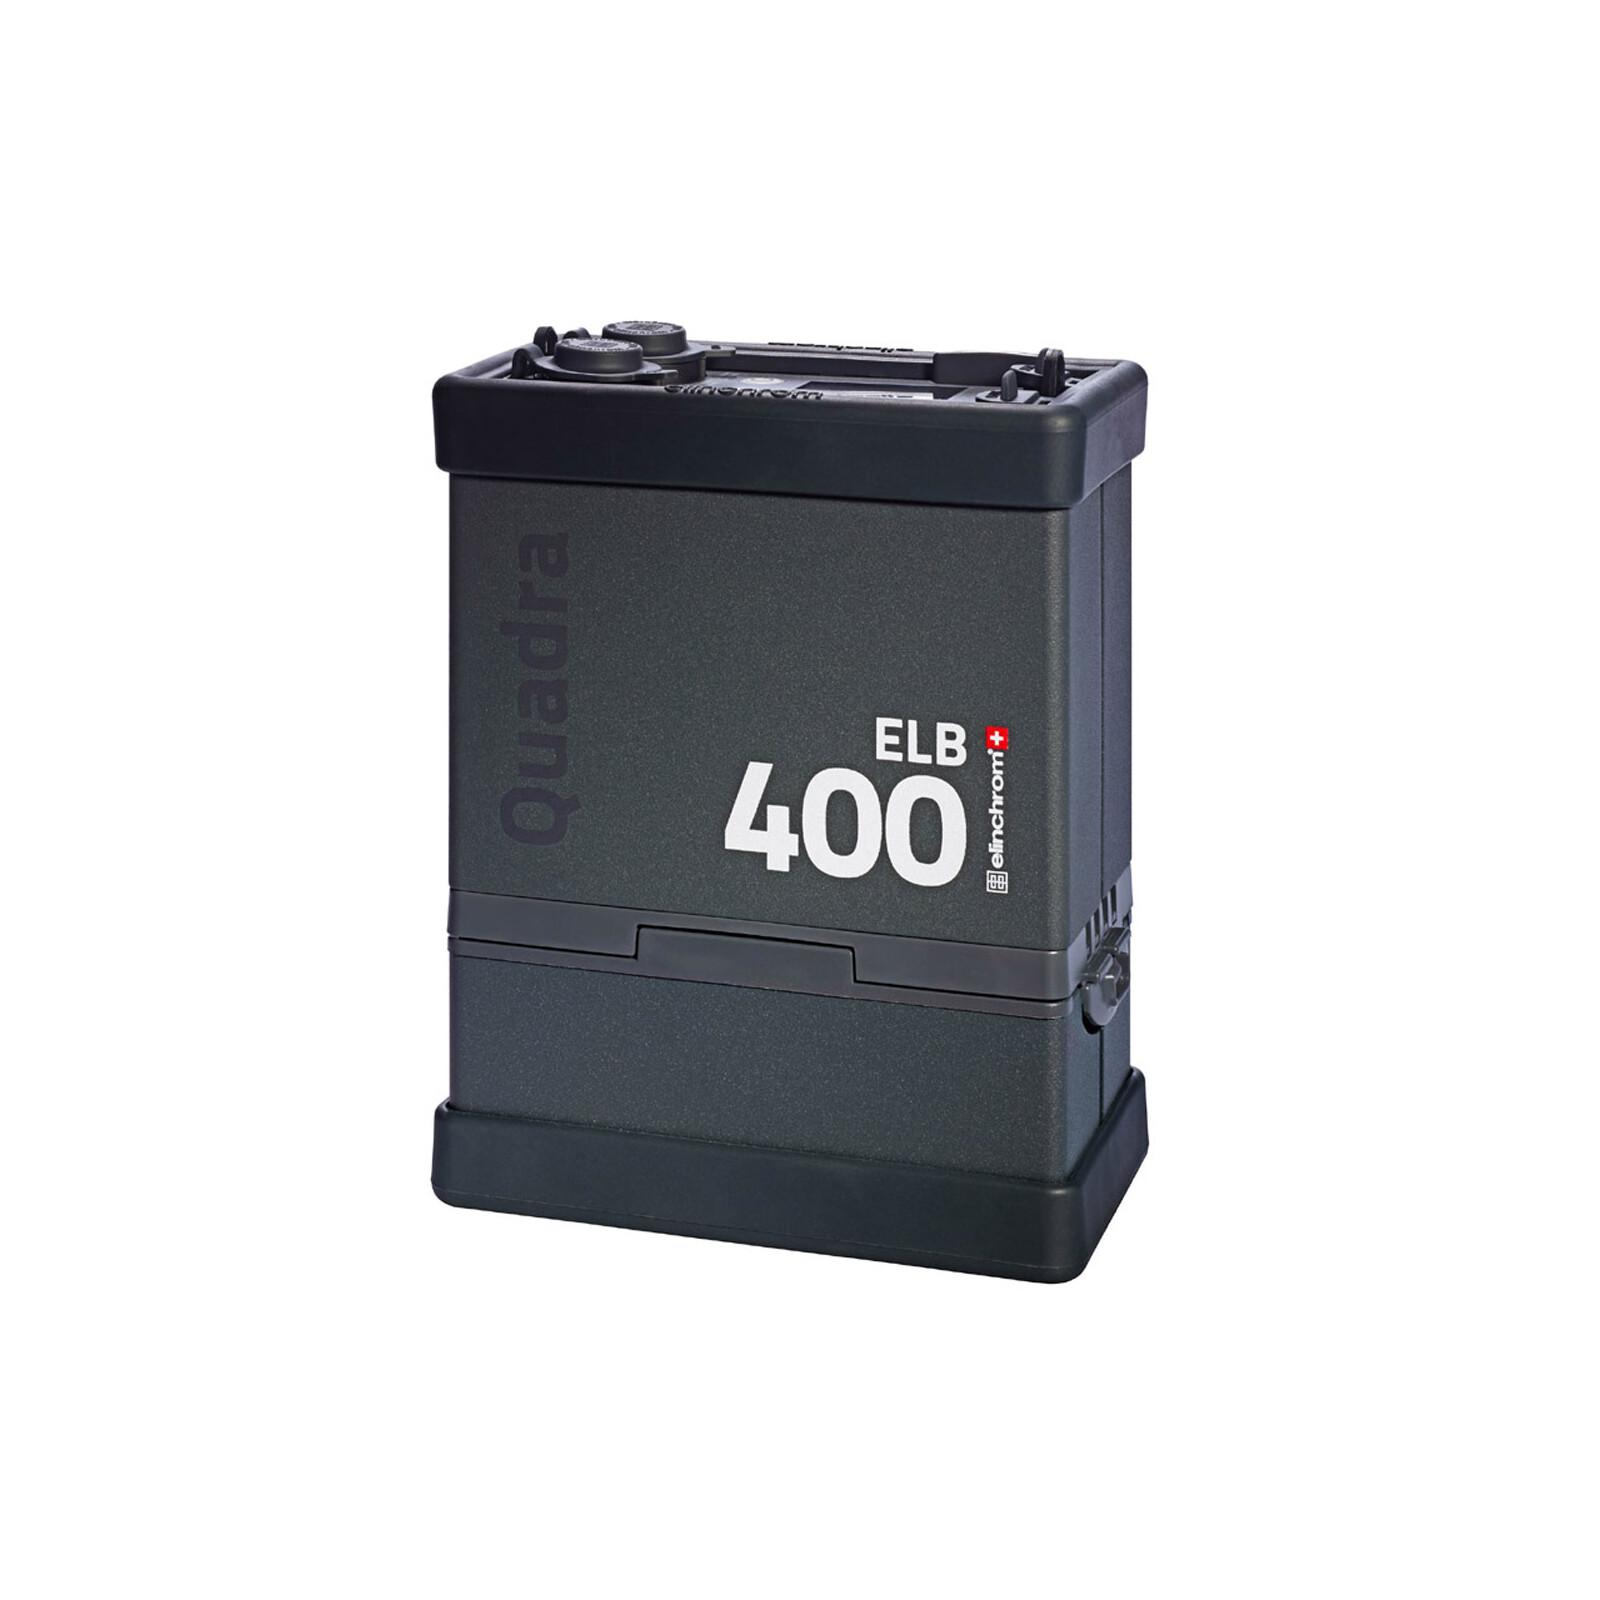 Elinchrom ELB 400 inkl. LI-ION Akku